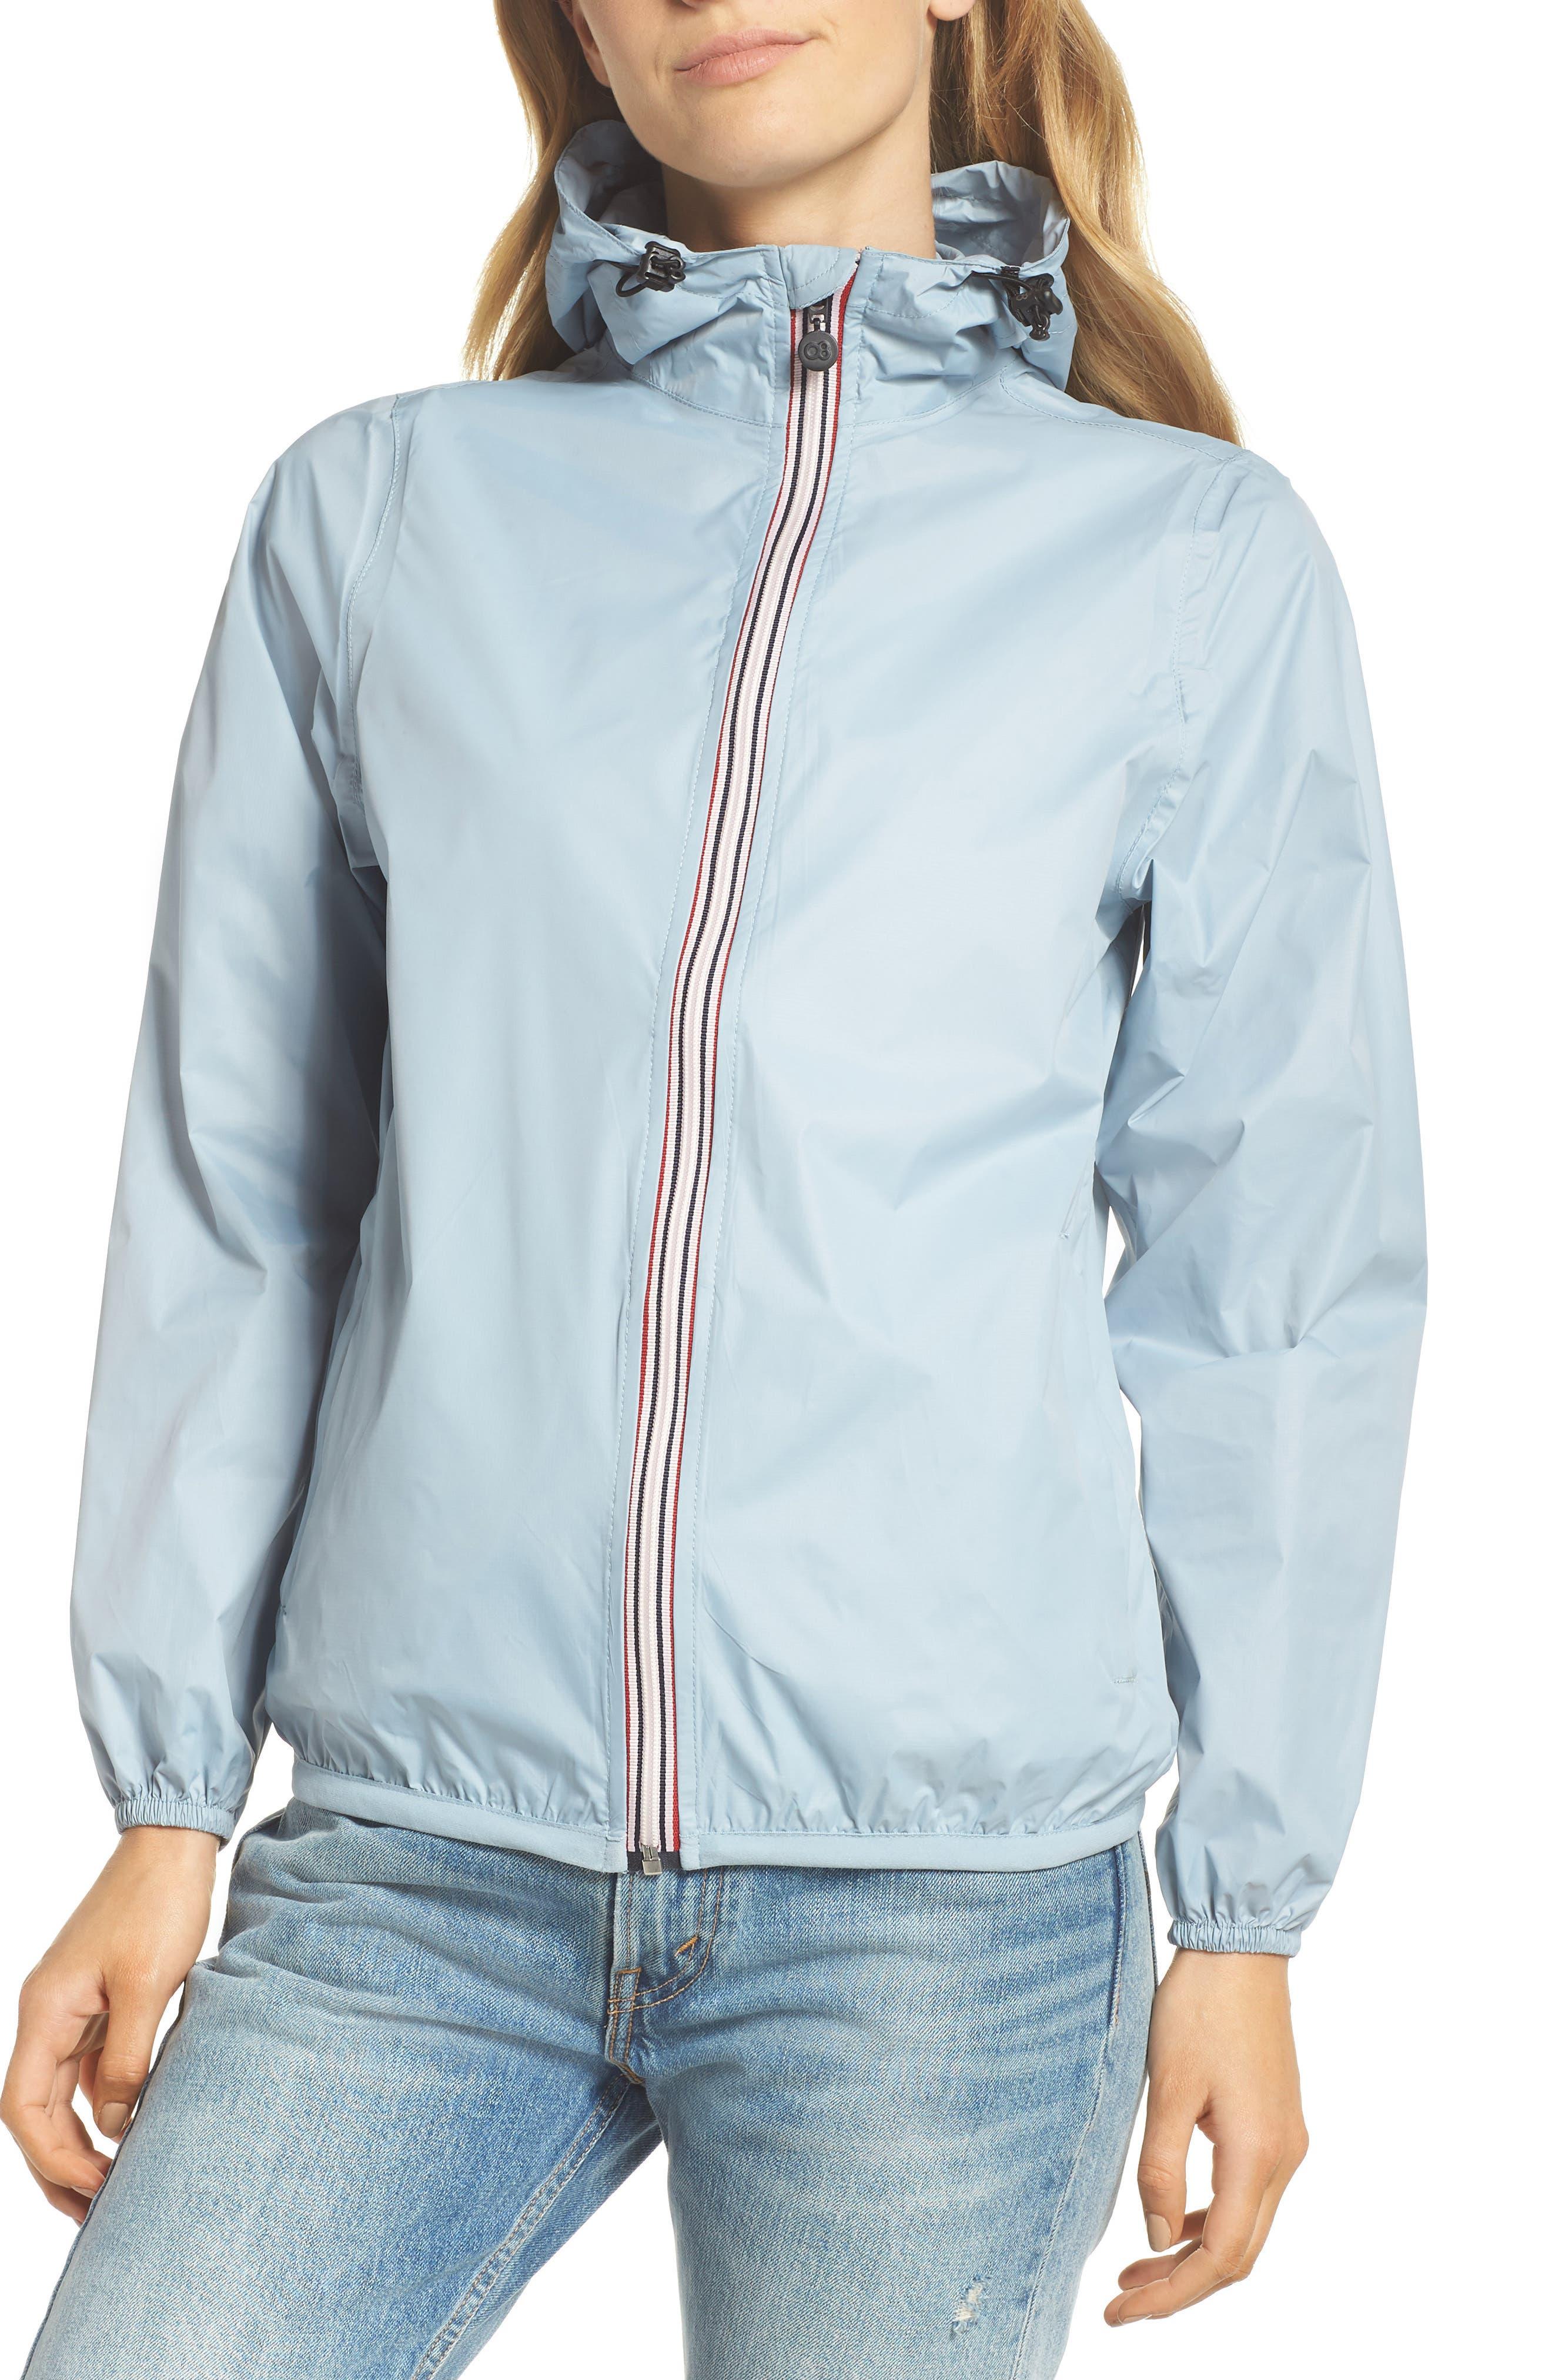 Packable Rain Jacket,                             Alternate thumbnail 4, color,                             CELESTIAL BLUE